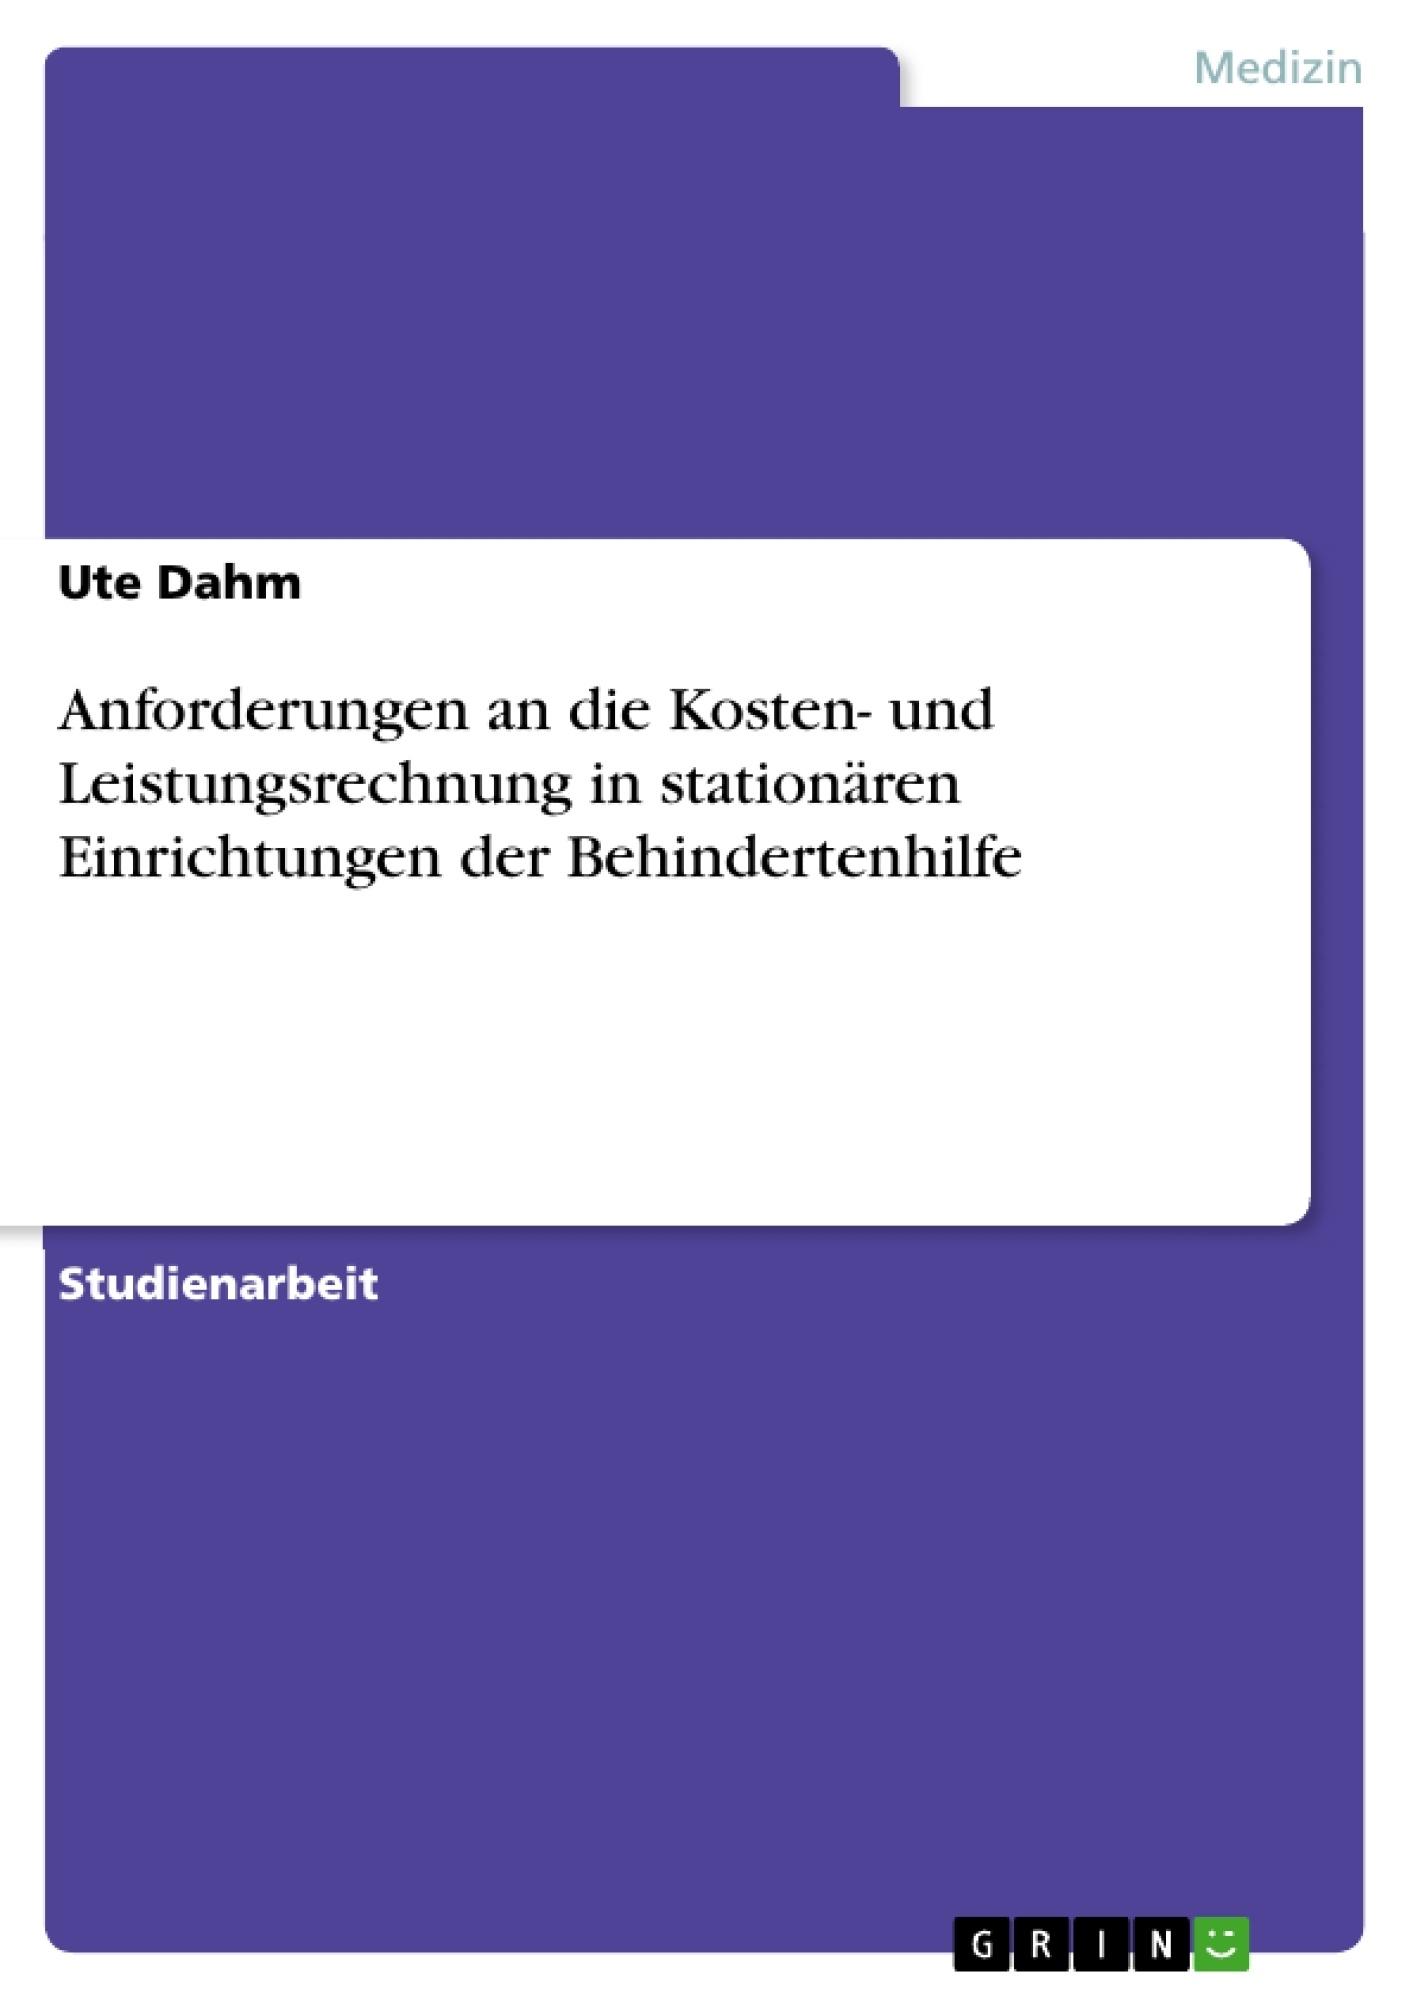 Titel: Anforderungen an die Kosten- und Leistungsrechnung in stationären Einrichtungen der Behindertenhilfe